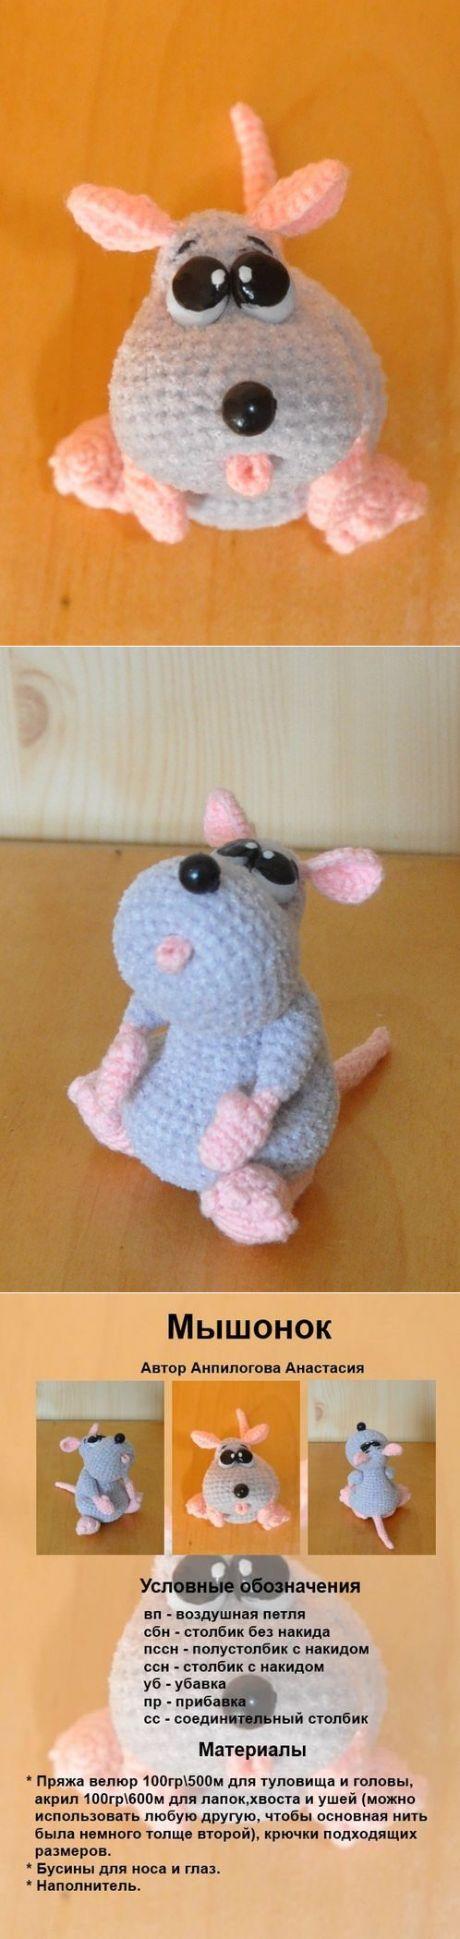 Мышка. Вязание игрушек крючком / Вязание игрушек на спицах и крючком, схемы и описание / КлуКлу. Рукоделие - бисероплетение, квиллинг, вышивка крестом, вязание